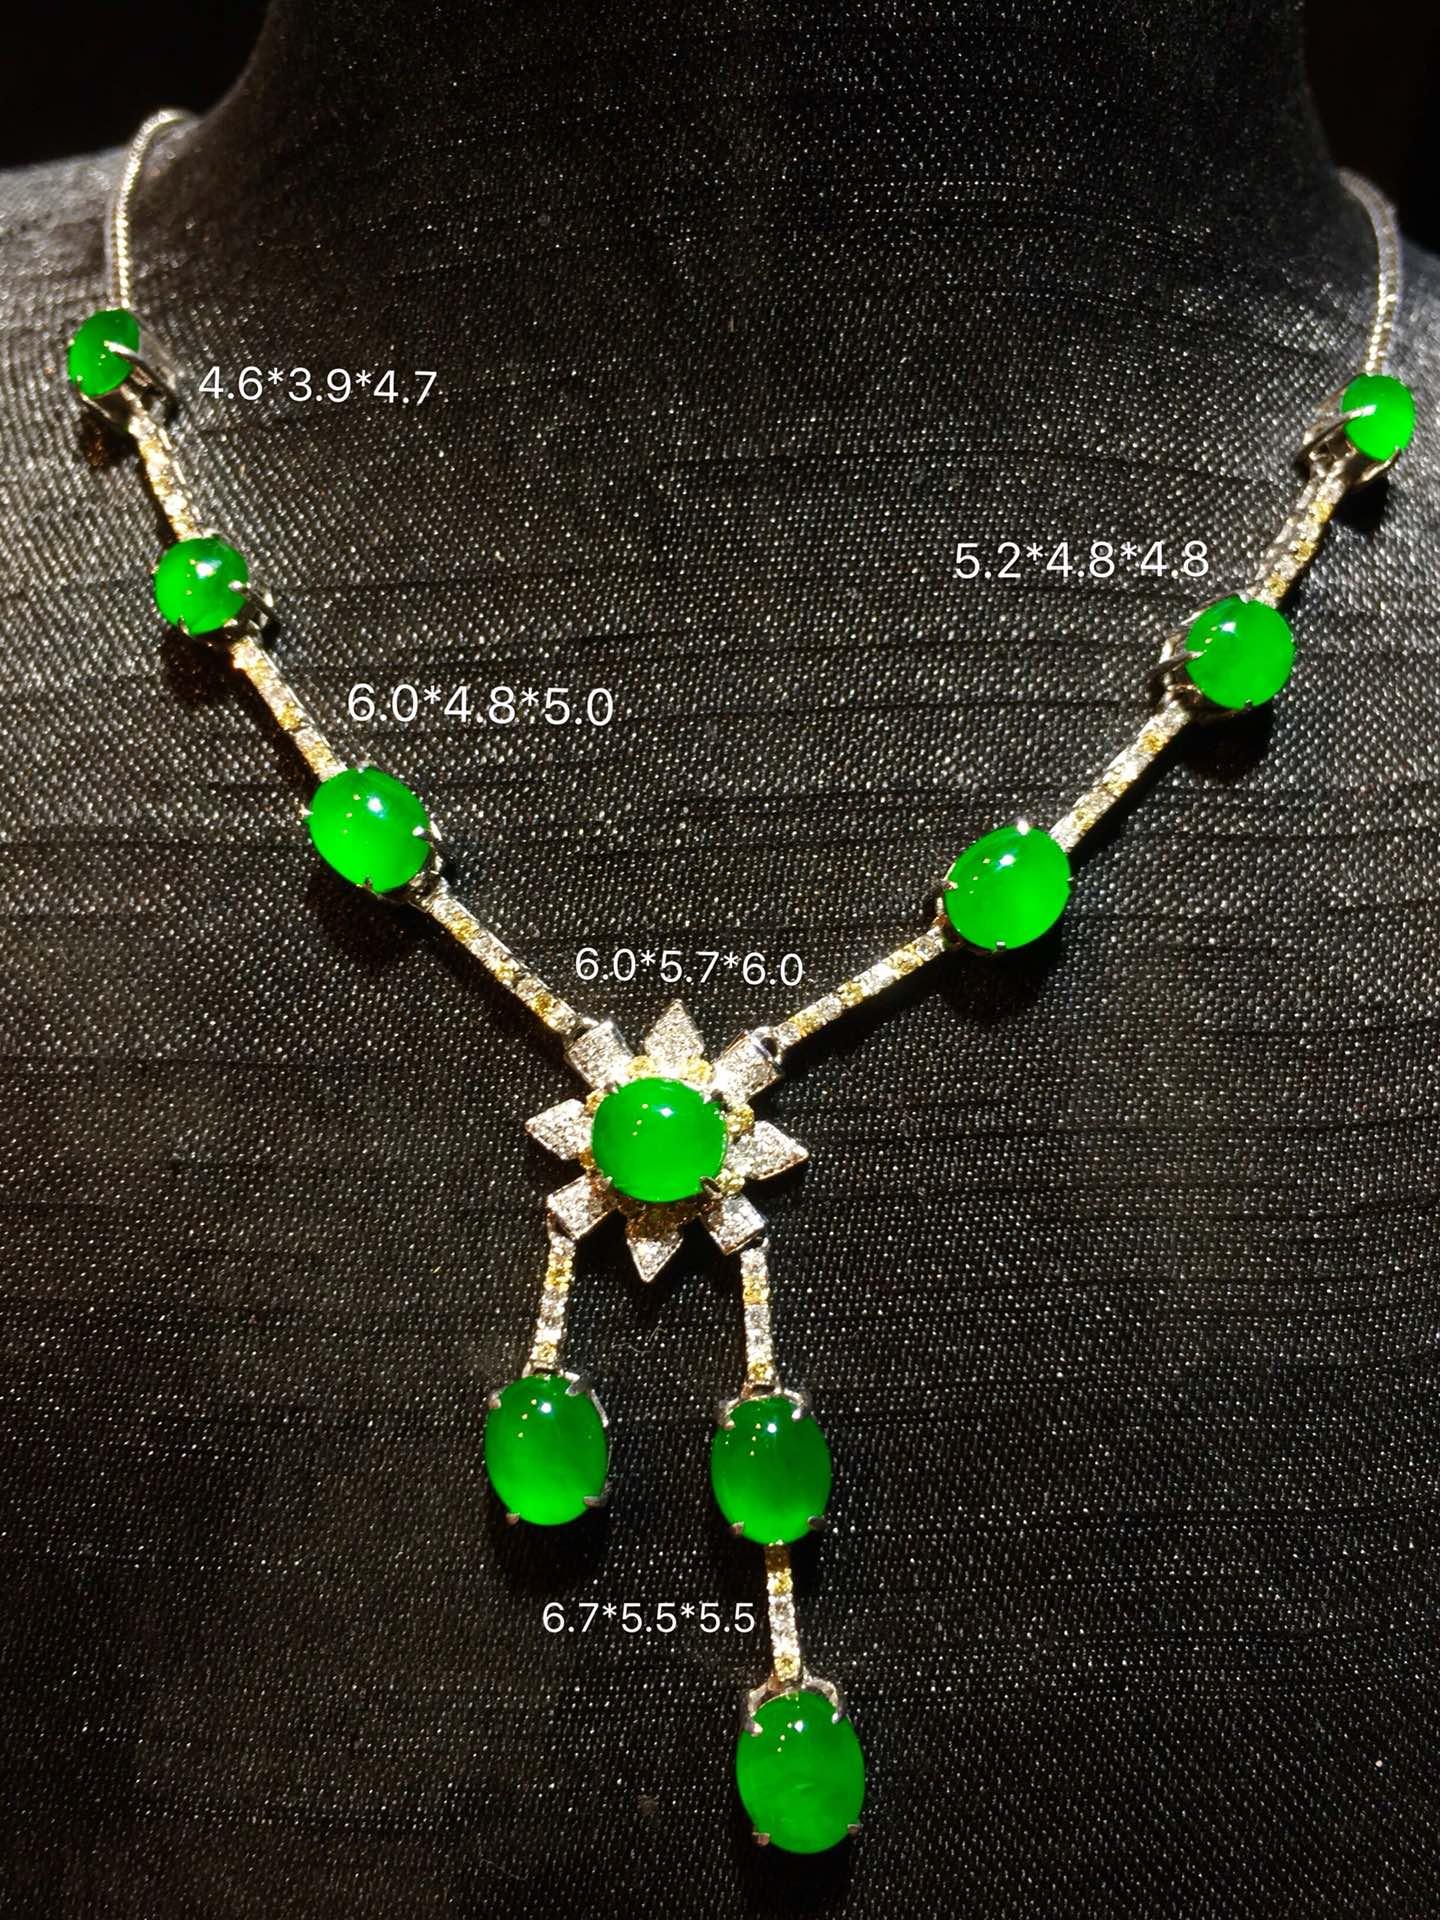 【高冰正阳绿,晚装链】精致优雅,翠色娇艳,起莹光,很冰透,水润水饱满,完美,18k金华奢钻镶石嵌☕